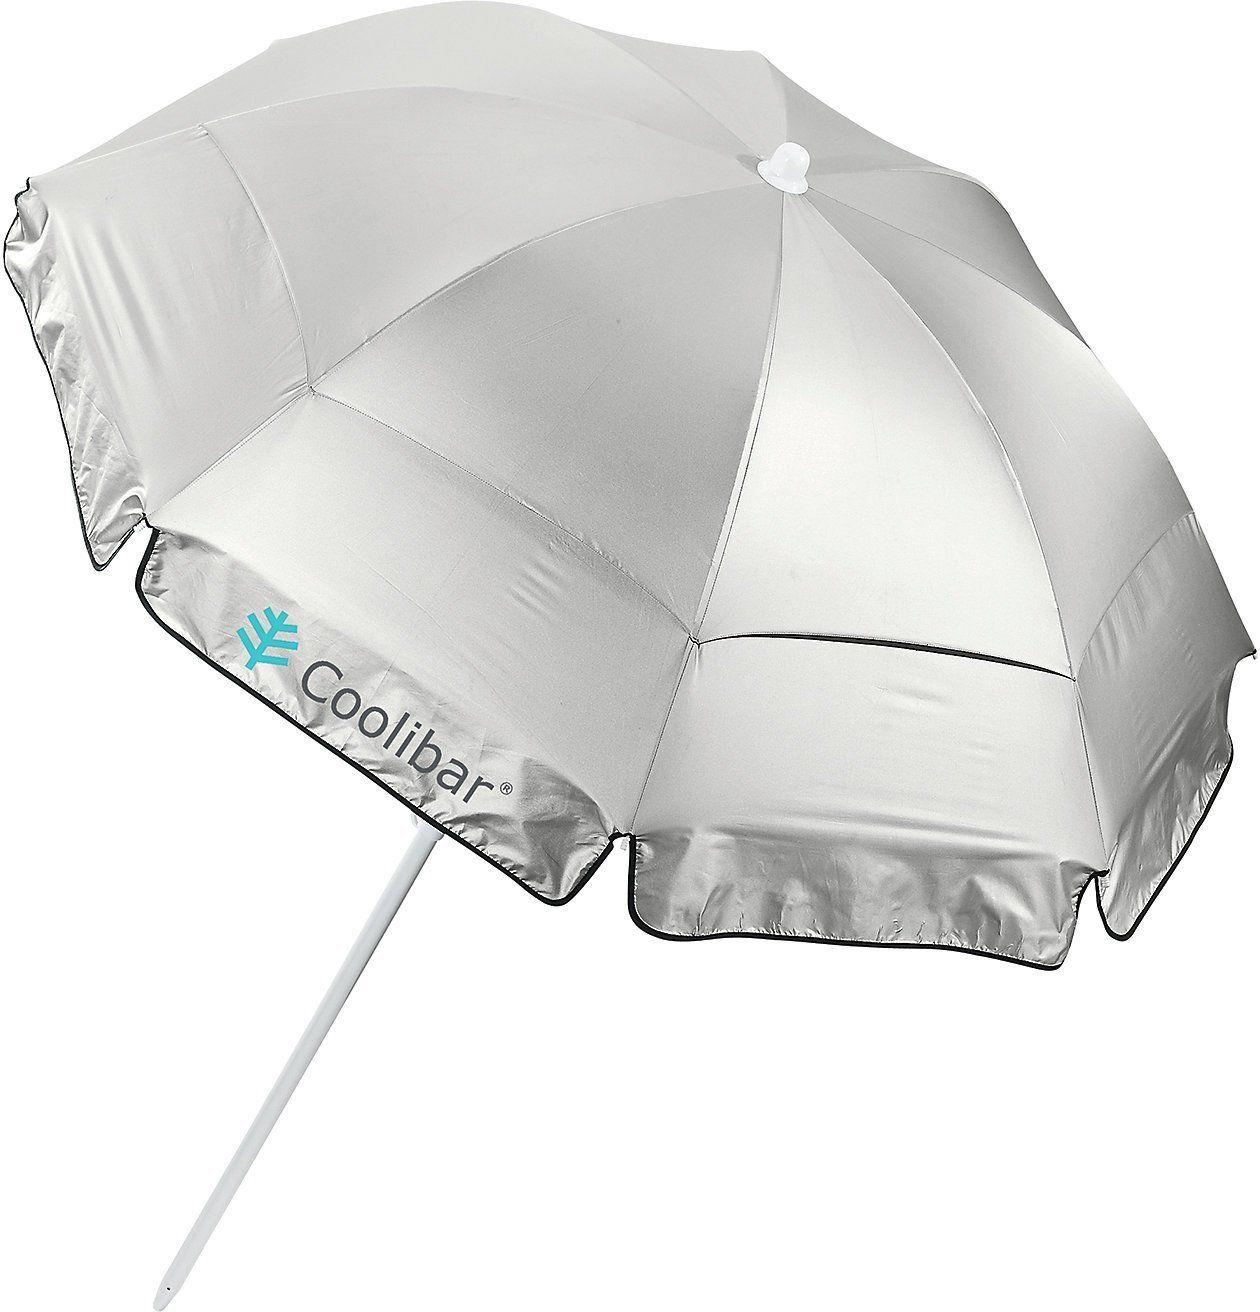 Amazon.com | Coolibar UPF 50+ 6' Titanium Beach Umbrella - Sun Protective | Umbrellas